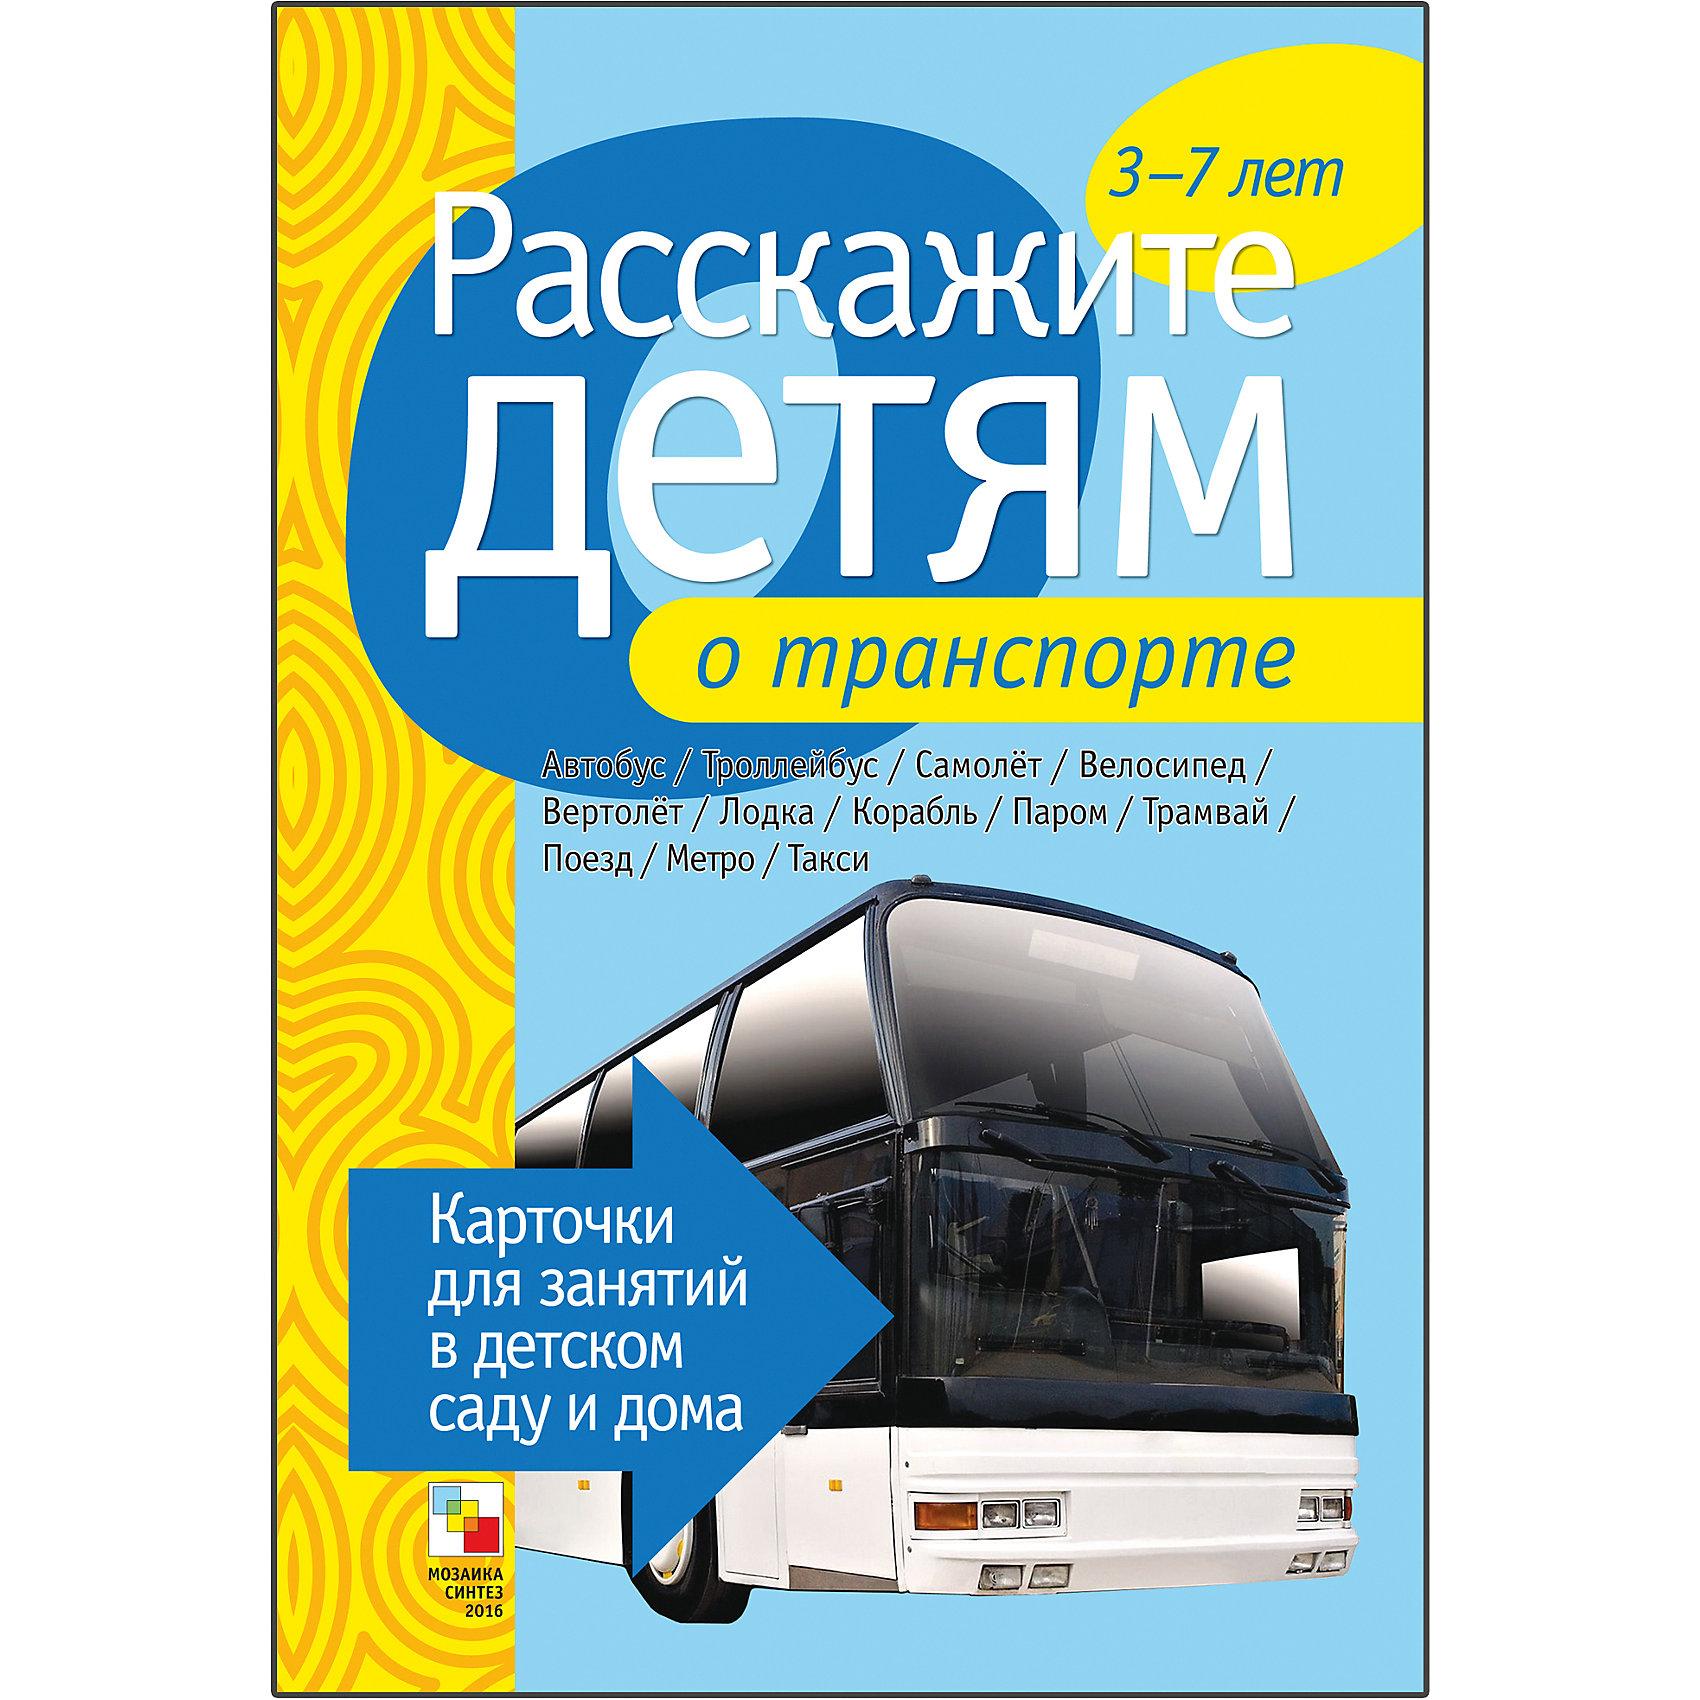 Пособие Расскажите детям о транспорте, Мозаика-СинтезПособие Расскажите детям о транспорте, Мозаика-Синтез<br><br>Характеристики:<br><br>• Издательство: МОЗАИКА-СИНТЕЗ<br>• ISBN: 9785431501098<br>• Тип: папка с карточками, обложка твердая.<br>• Возраст: от 3-7 лет.<br>• Размер книги: 210х150х5 мм.<br>• Количество страниц: 12<br><br>Пособие с яркими четкими картинками поможет Вам познакомить малышей с транспортом. На оборотной стороне карточек содержатся необходимые сведения и стихи о нем. Эта информация поможет сделать ваш рассказ увлекательным и познавательным для каждого малыша.<br><br>Пособие Расскажите детям о транспорте, Мозаика-Синтез, Мозаика-Синтез, можно купить в нашем интернет – магазине.<br><br>Ширина мм: 5<br>Глубина мм: 150<br>Высота мм: 210<br>Вес г: 100<br>Возраст от месяцев: 36<br>Возраст до месяцев: 84<br>Пол: Унисекс<br>Возраст: Детский<br>SKU: 5428927